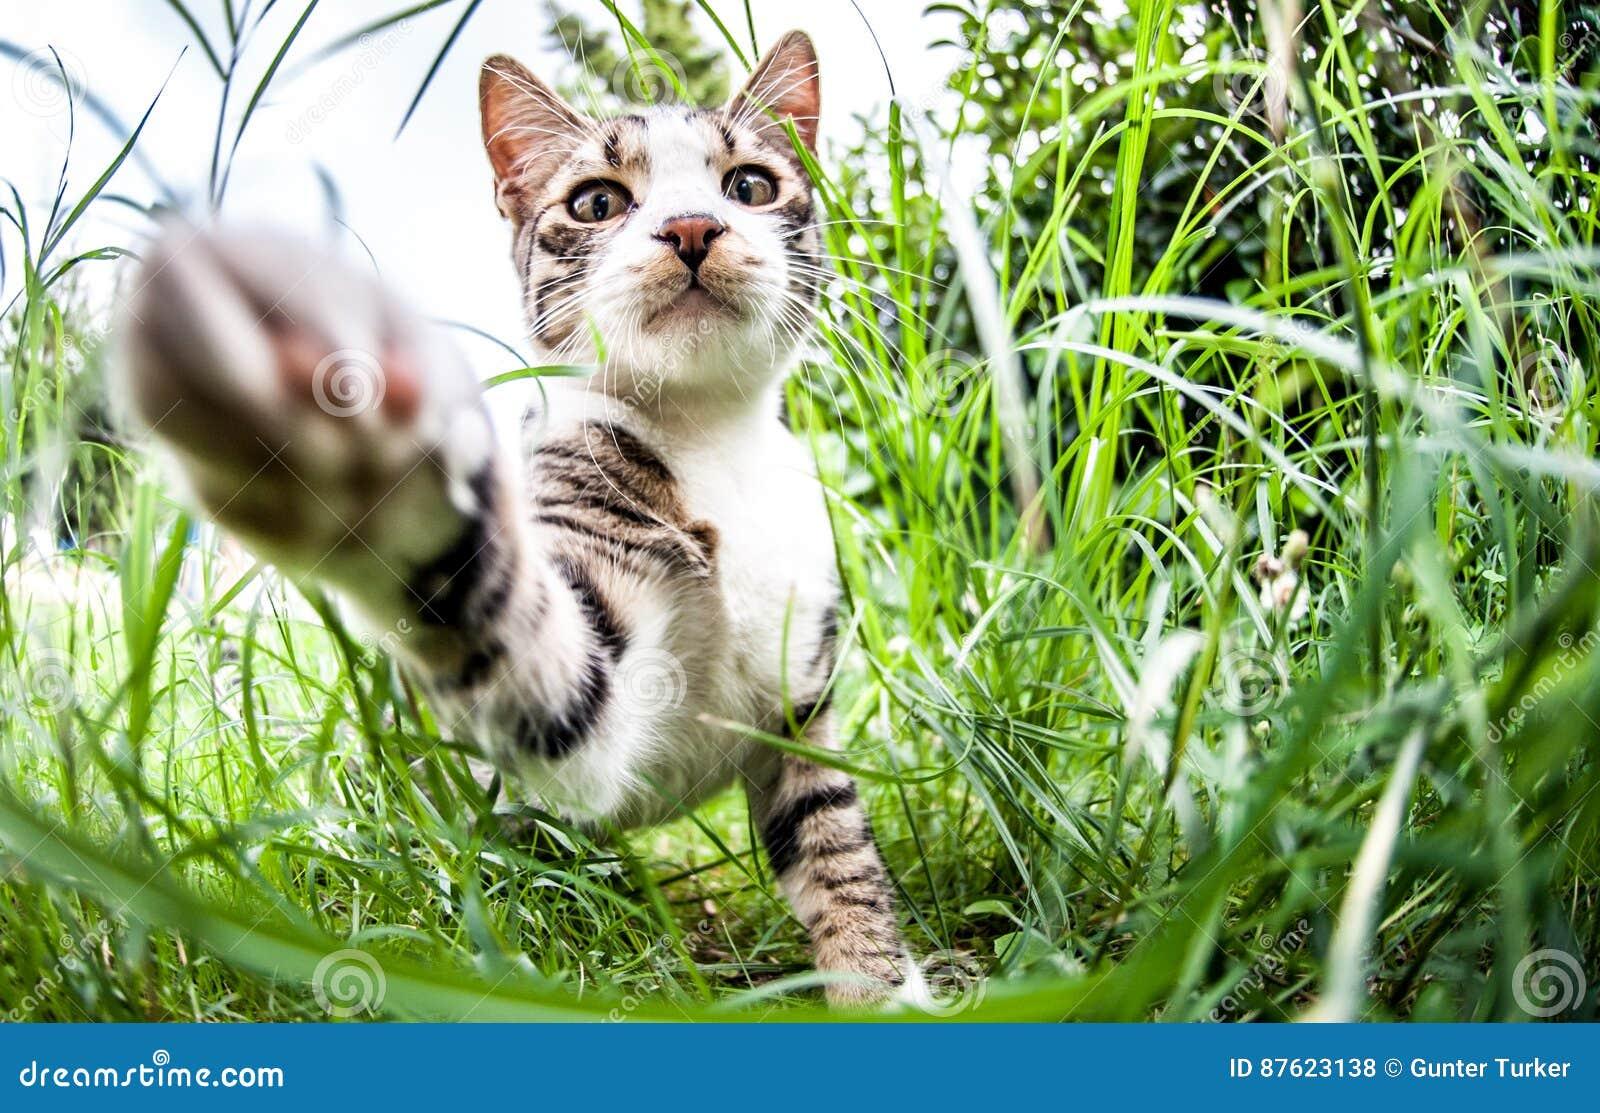 Gato felino